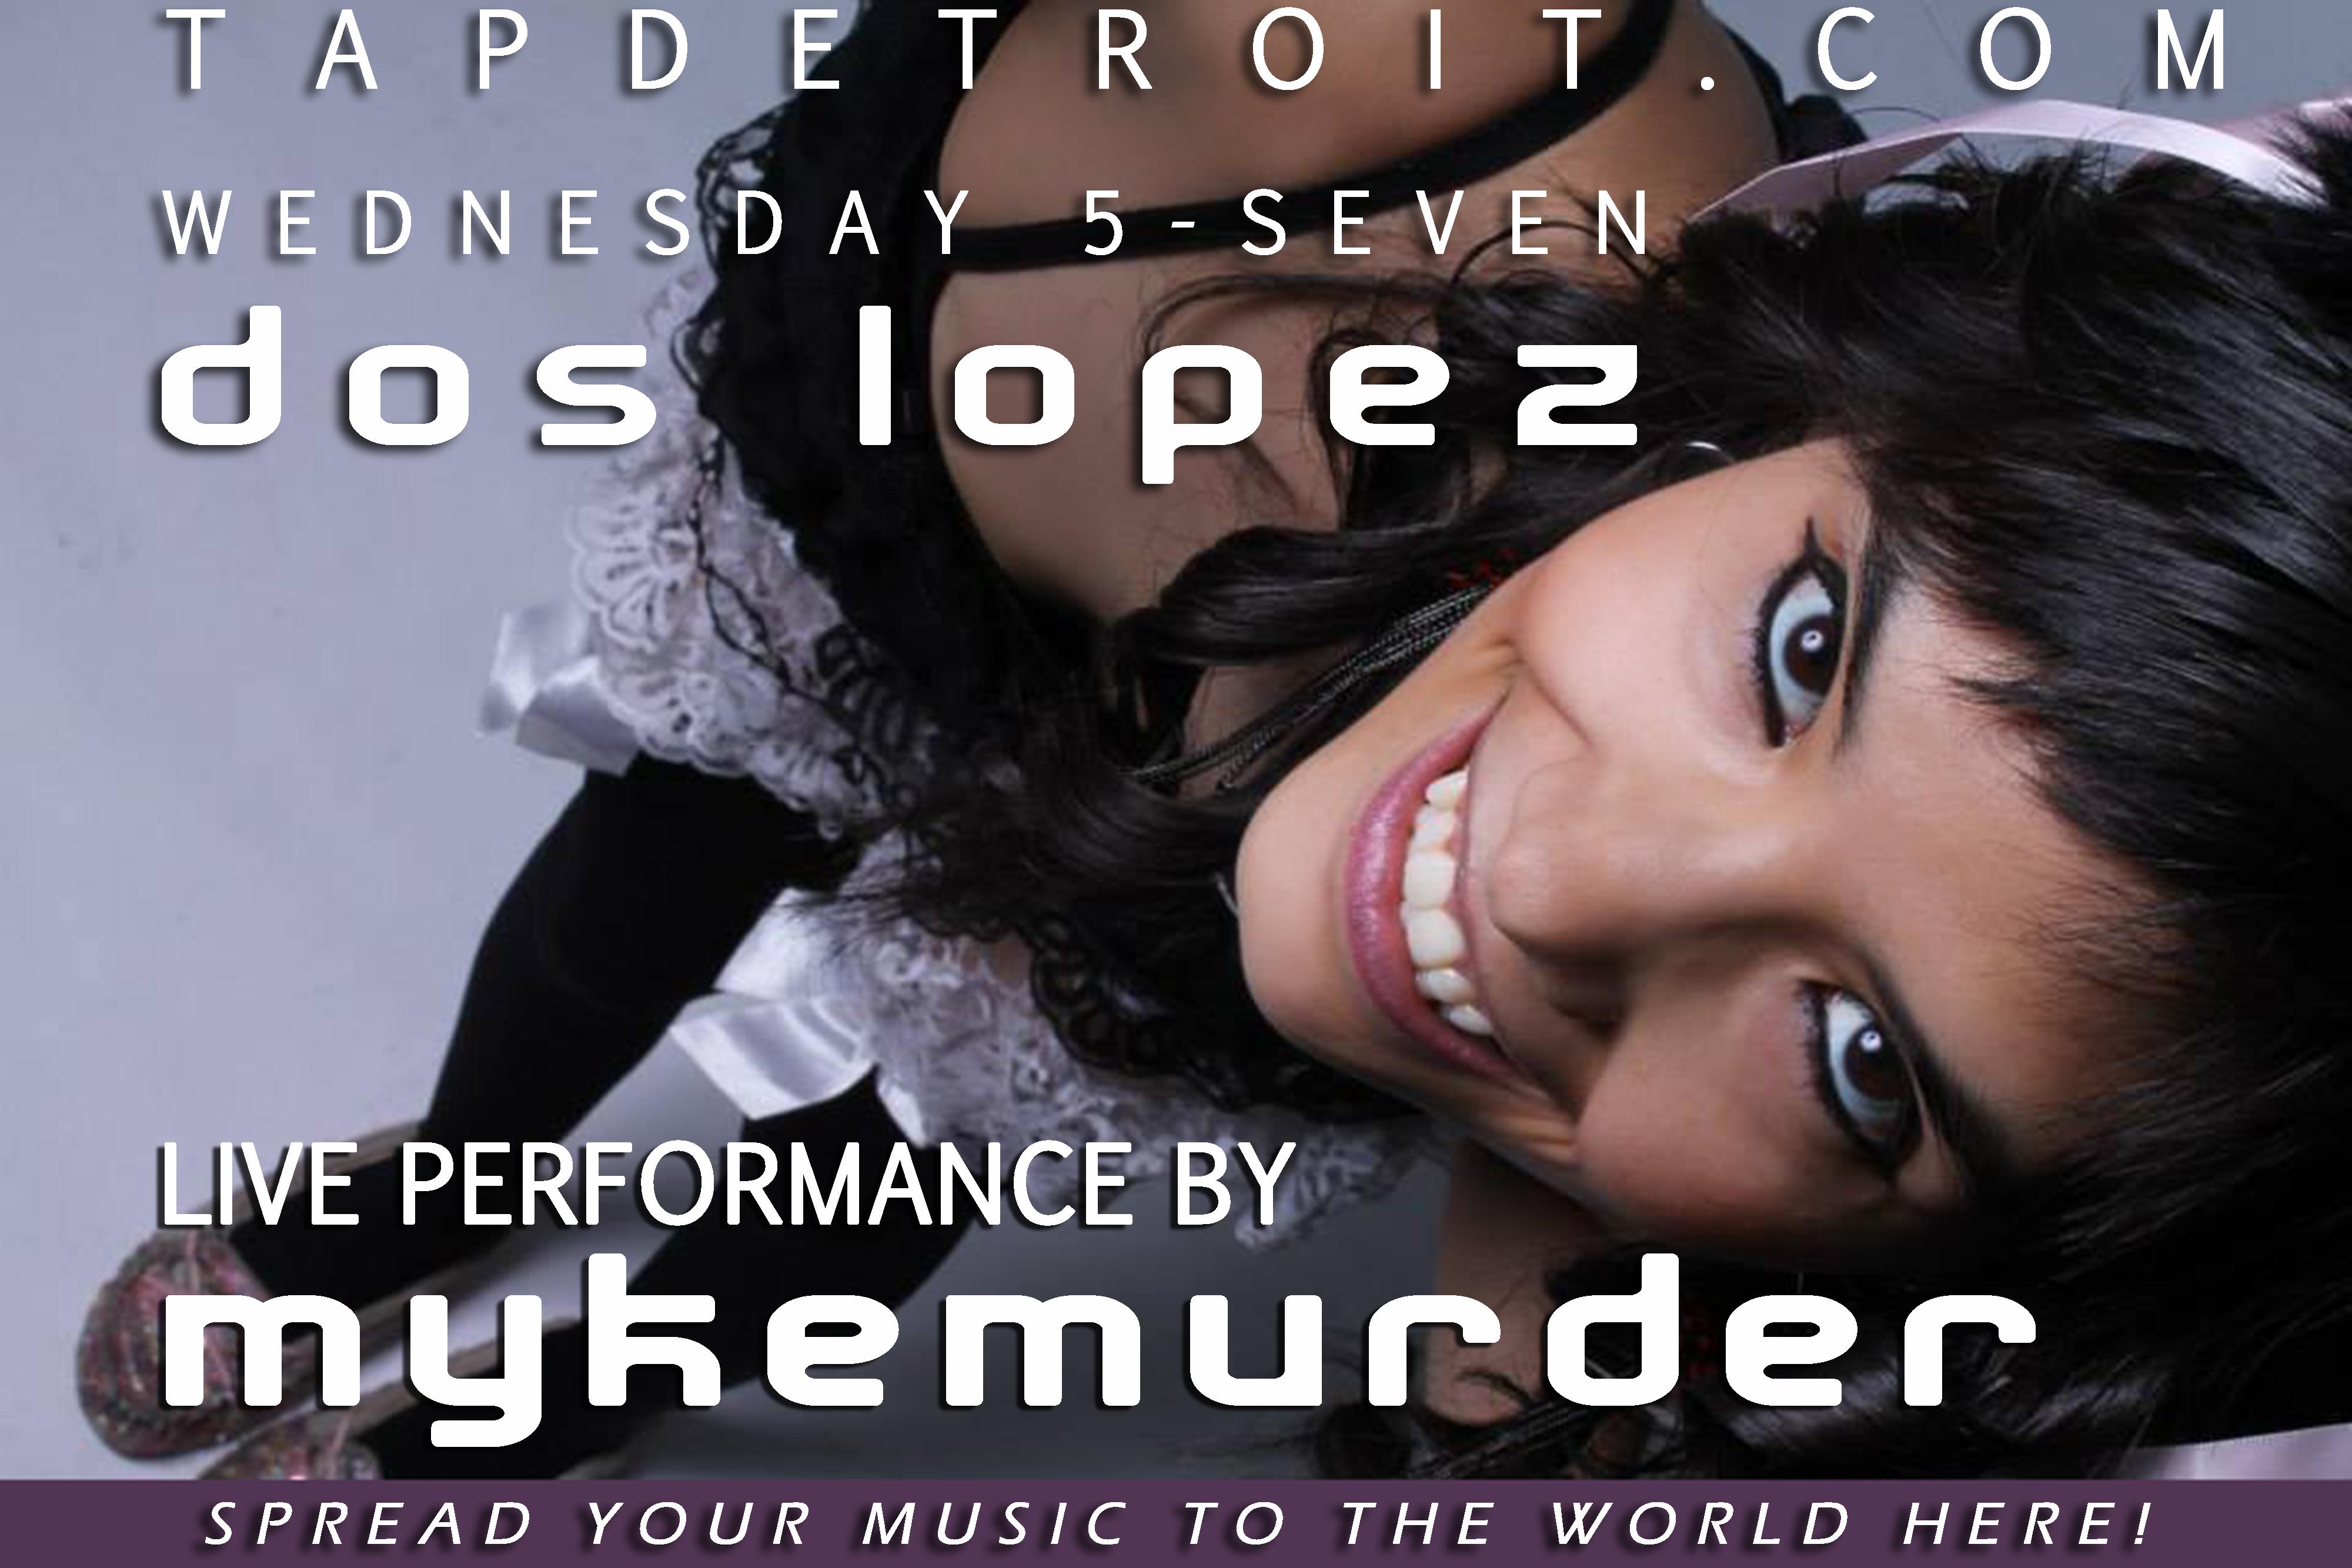 dos-lopez-promo-flyer2-09242014